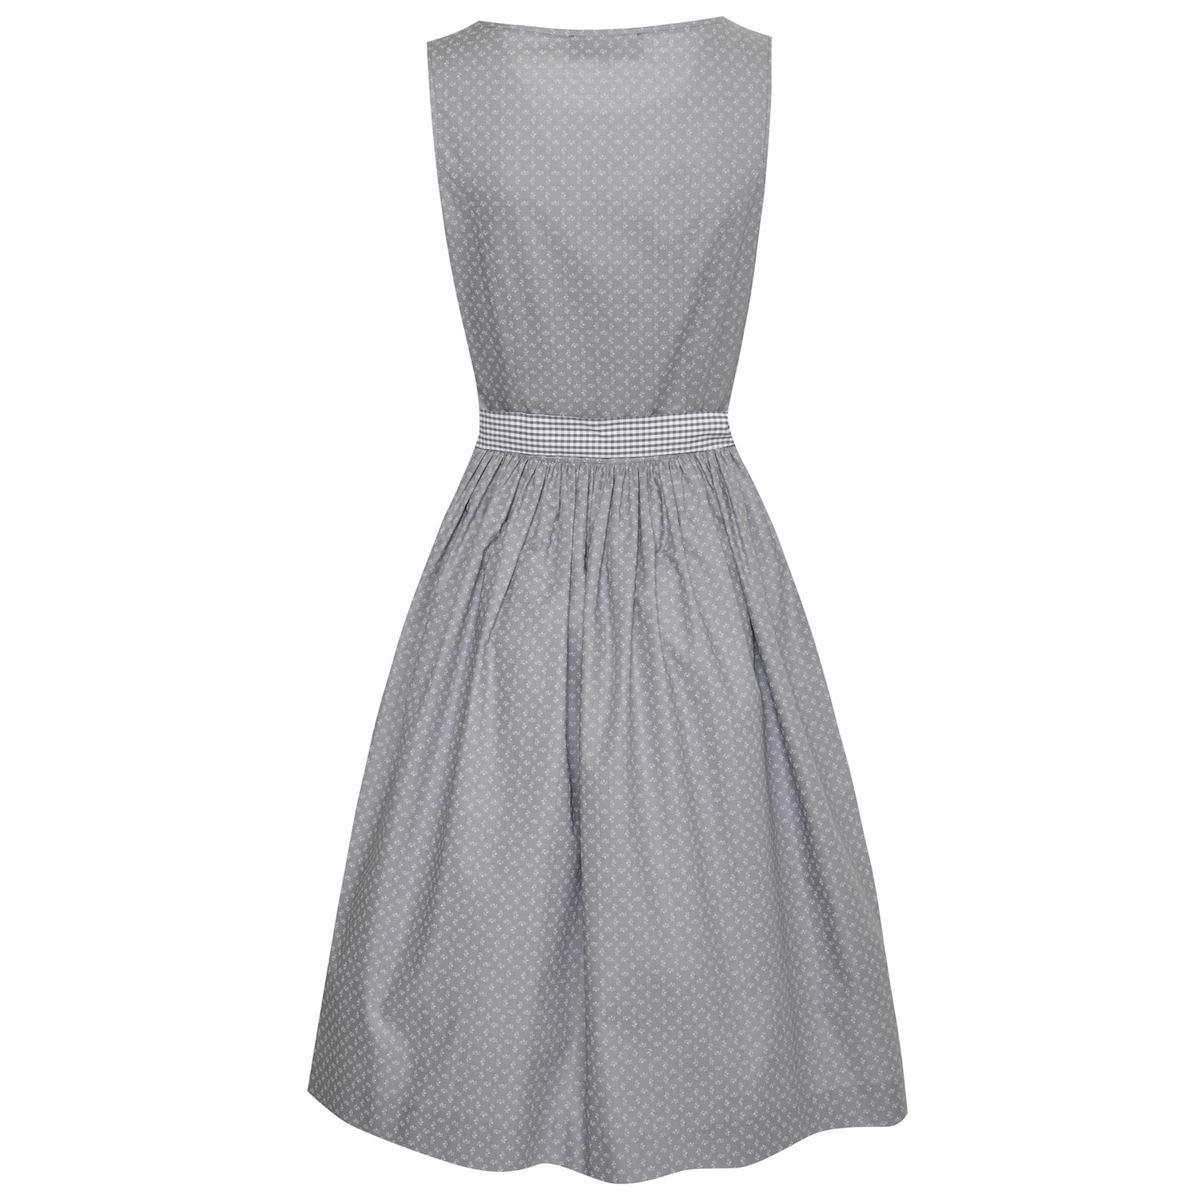 9cf2338e329 Berwin und Wolff Damen Trachten-Mode Kleid Elicia in Grau traditionell